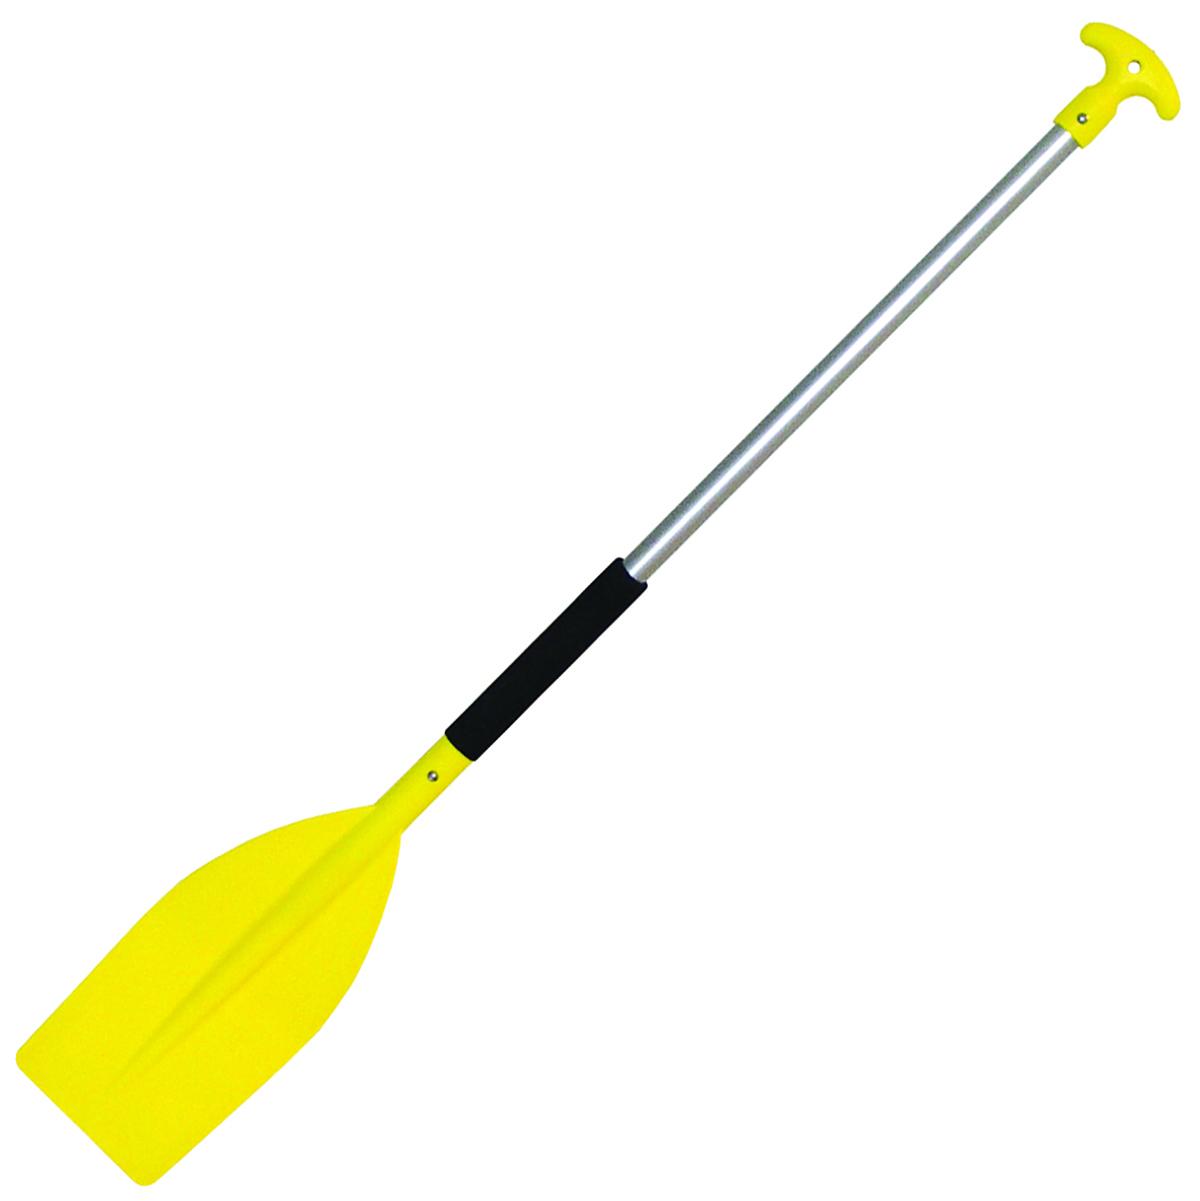 Propel Paddle SLPG52242 Paddle 4-1/2' Aluminum Ylw